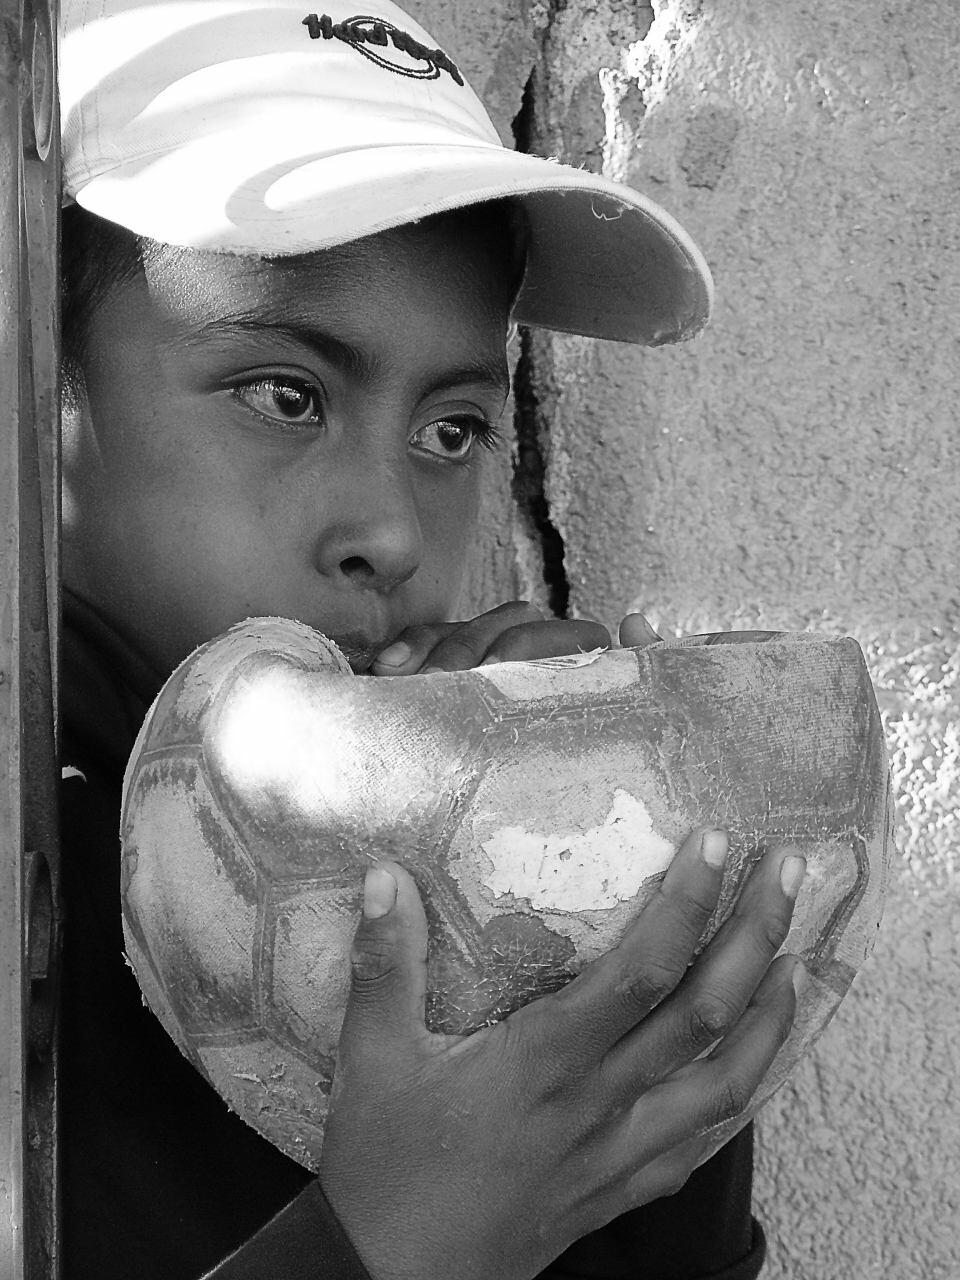 Un niño con su balón de Fútbol observa mientras la comunidad vota para decidir si están de acuerdo o no con el proyecto minero en su comunidad.